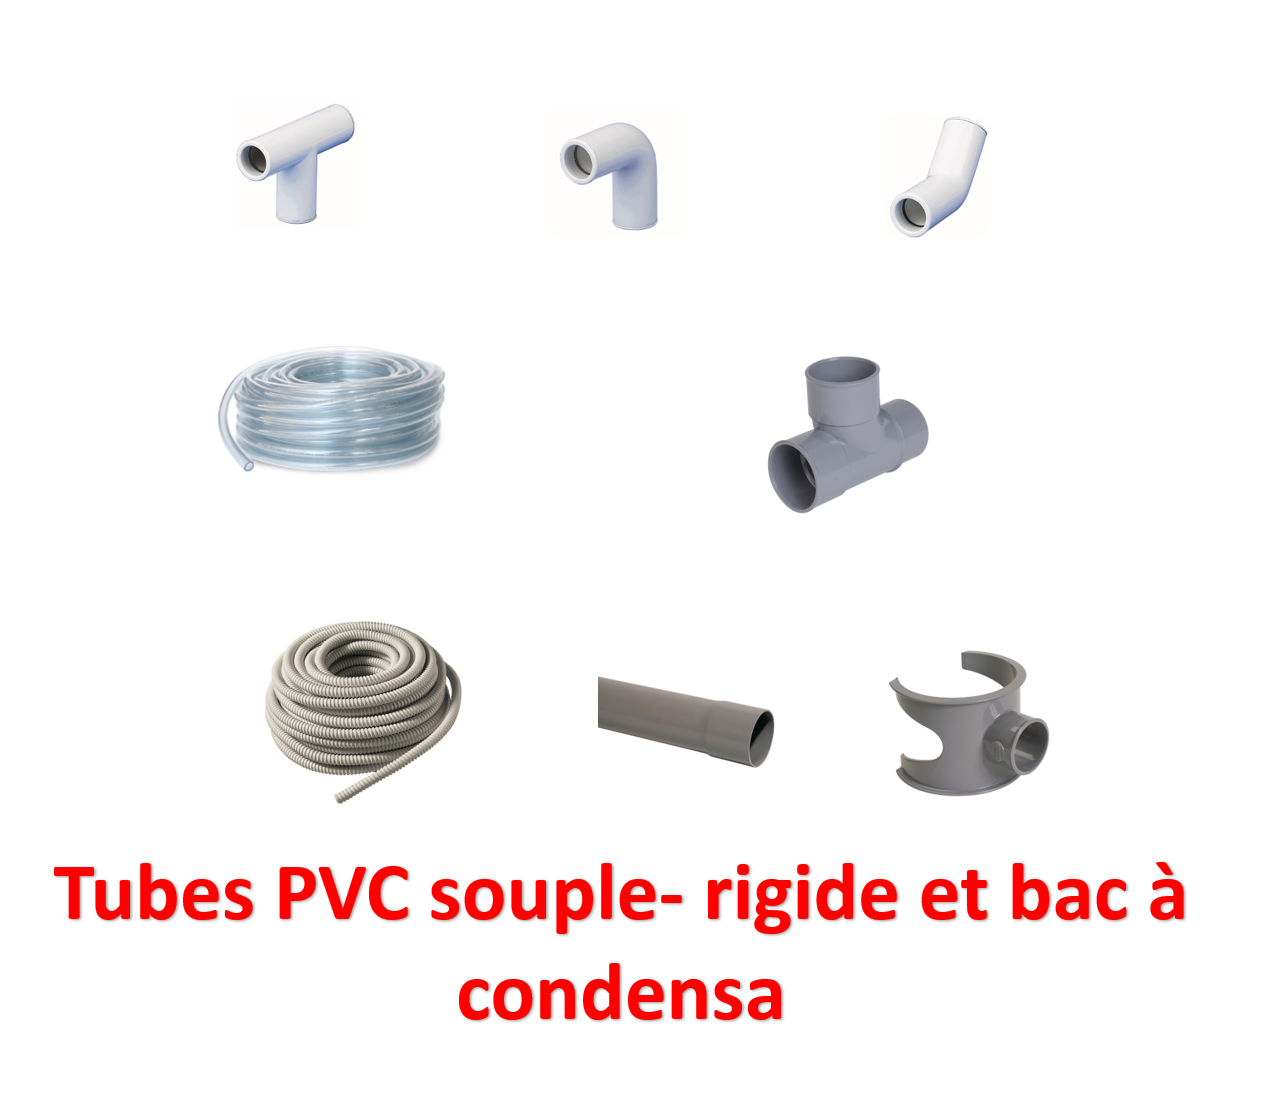 Tubes PVC souple- rigide et bac à condensat